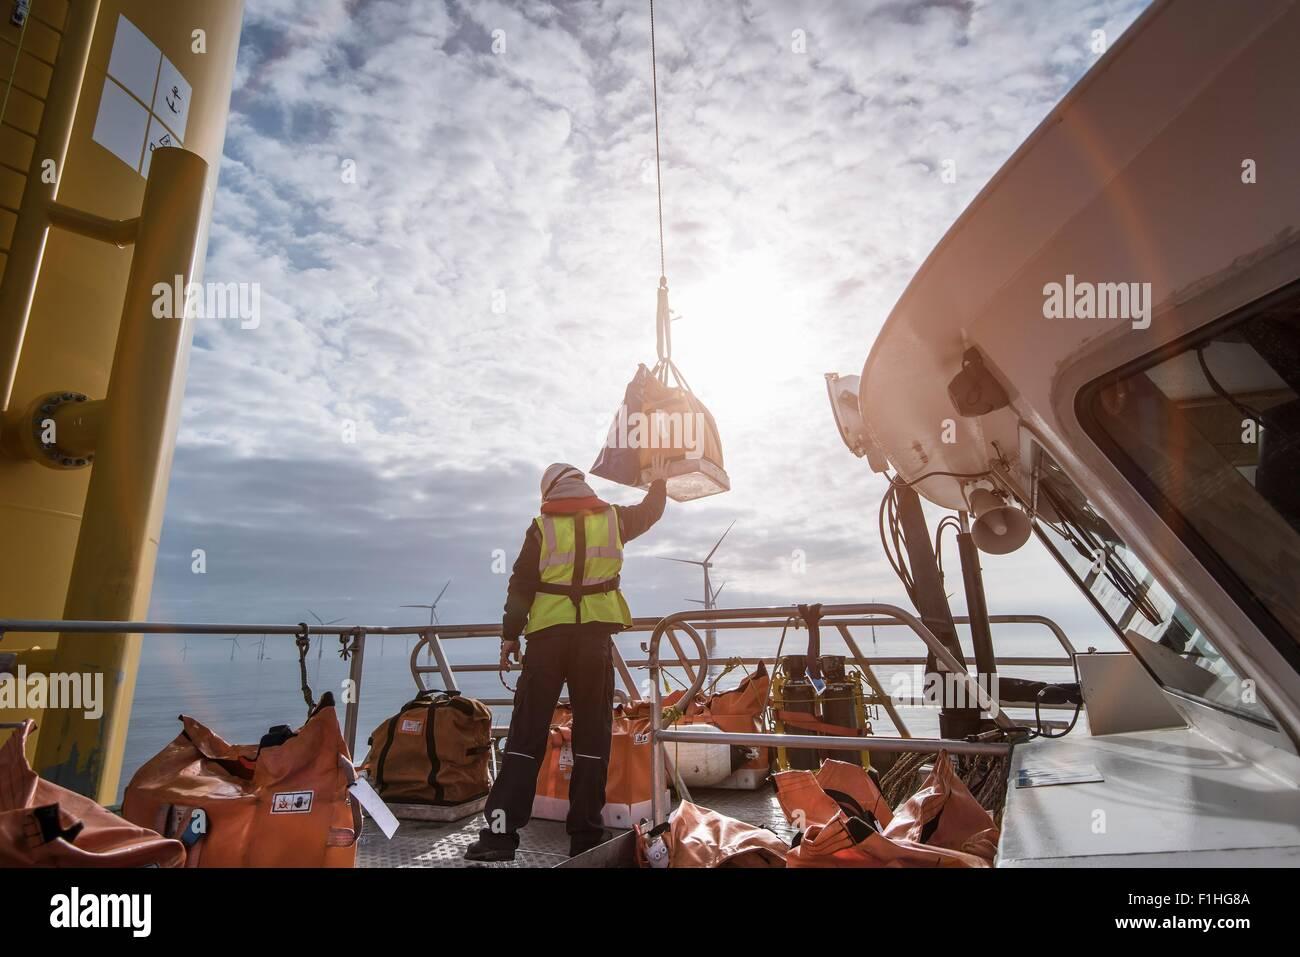 Deck Arbeiter Windenbetrieb Teile bis zu Windkraftanlagen im Offshore-Windpark Stockbild